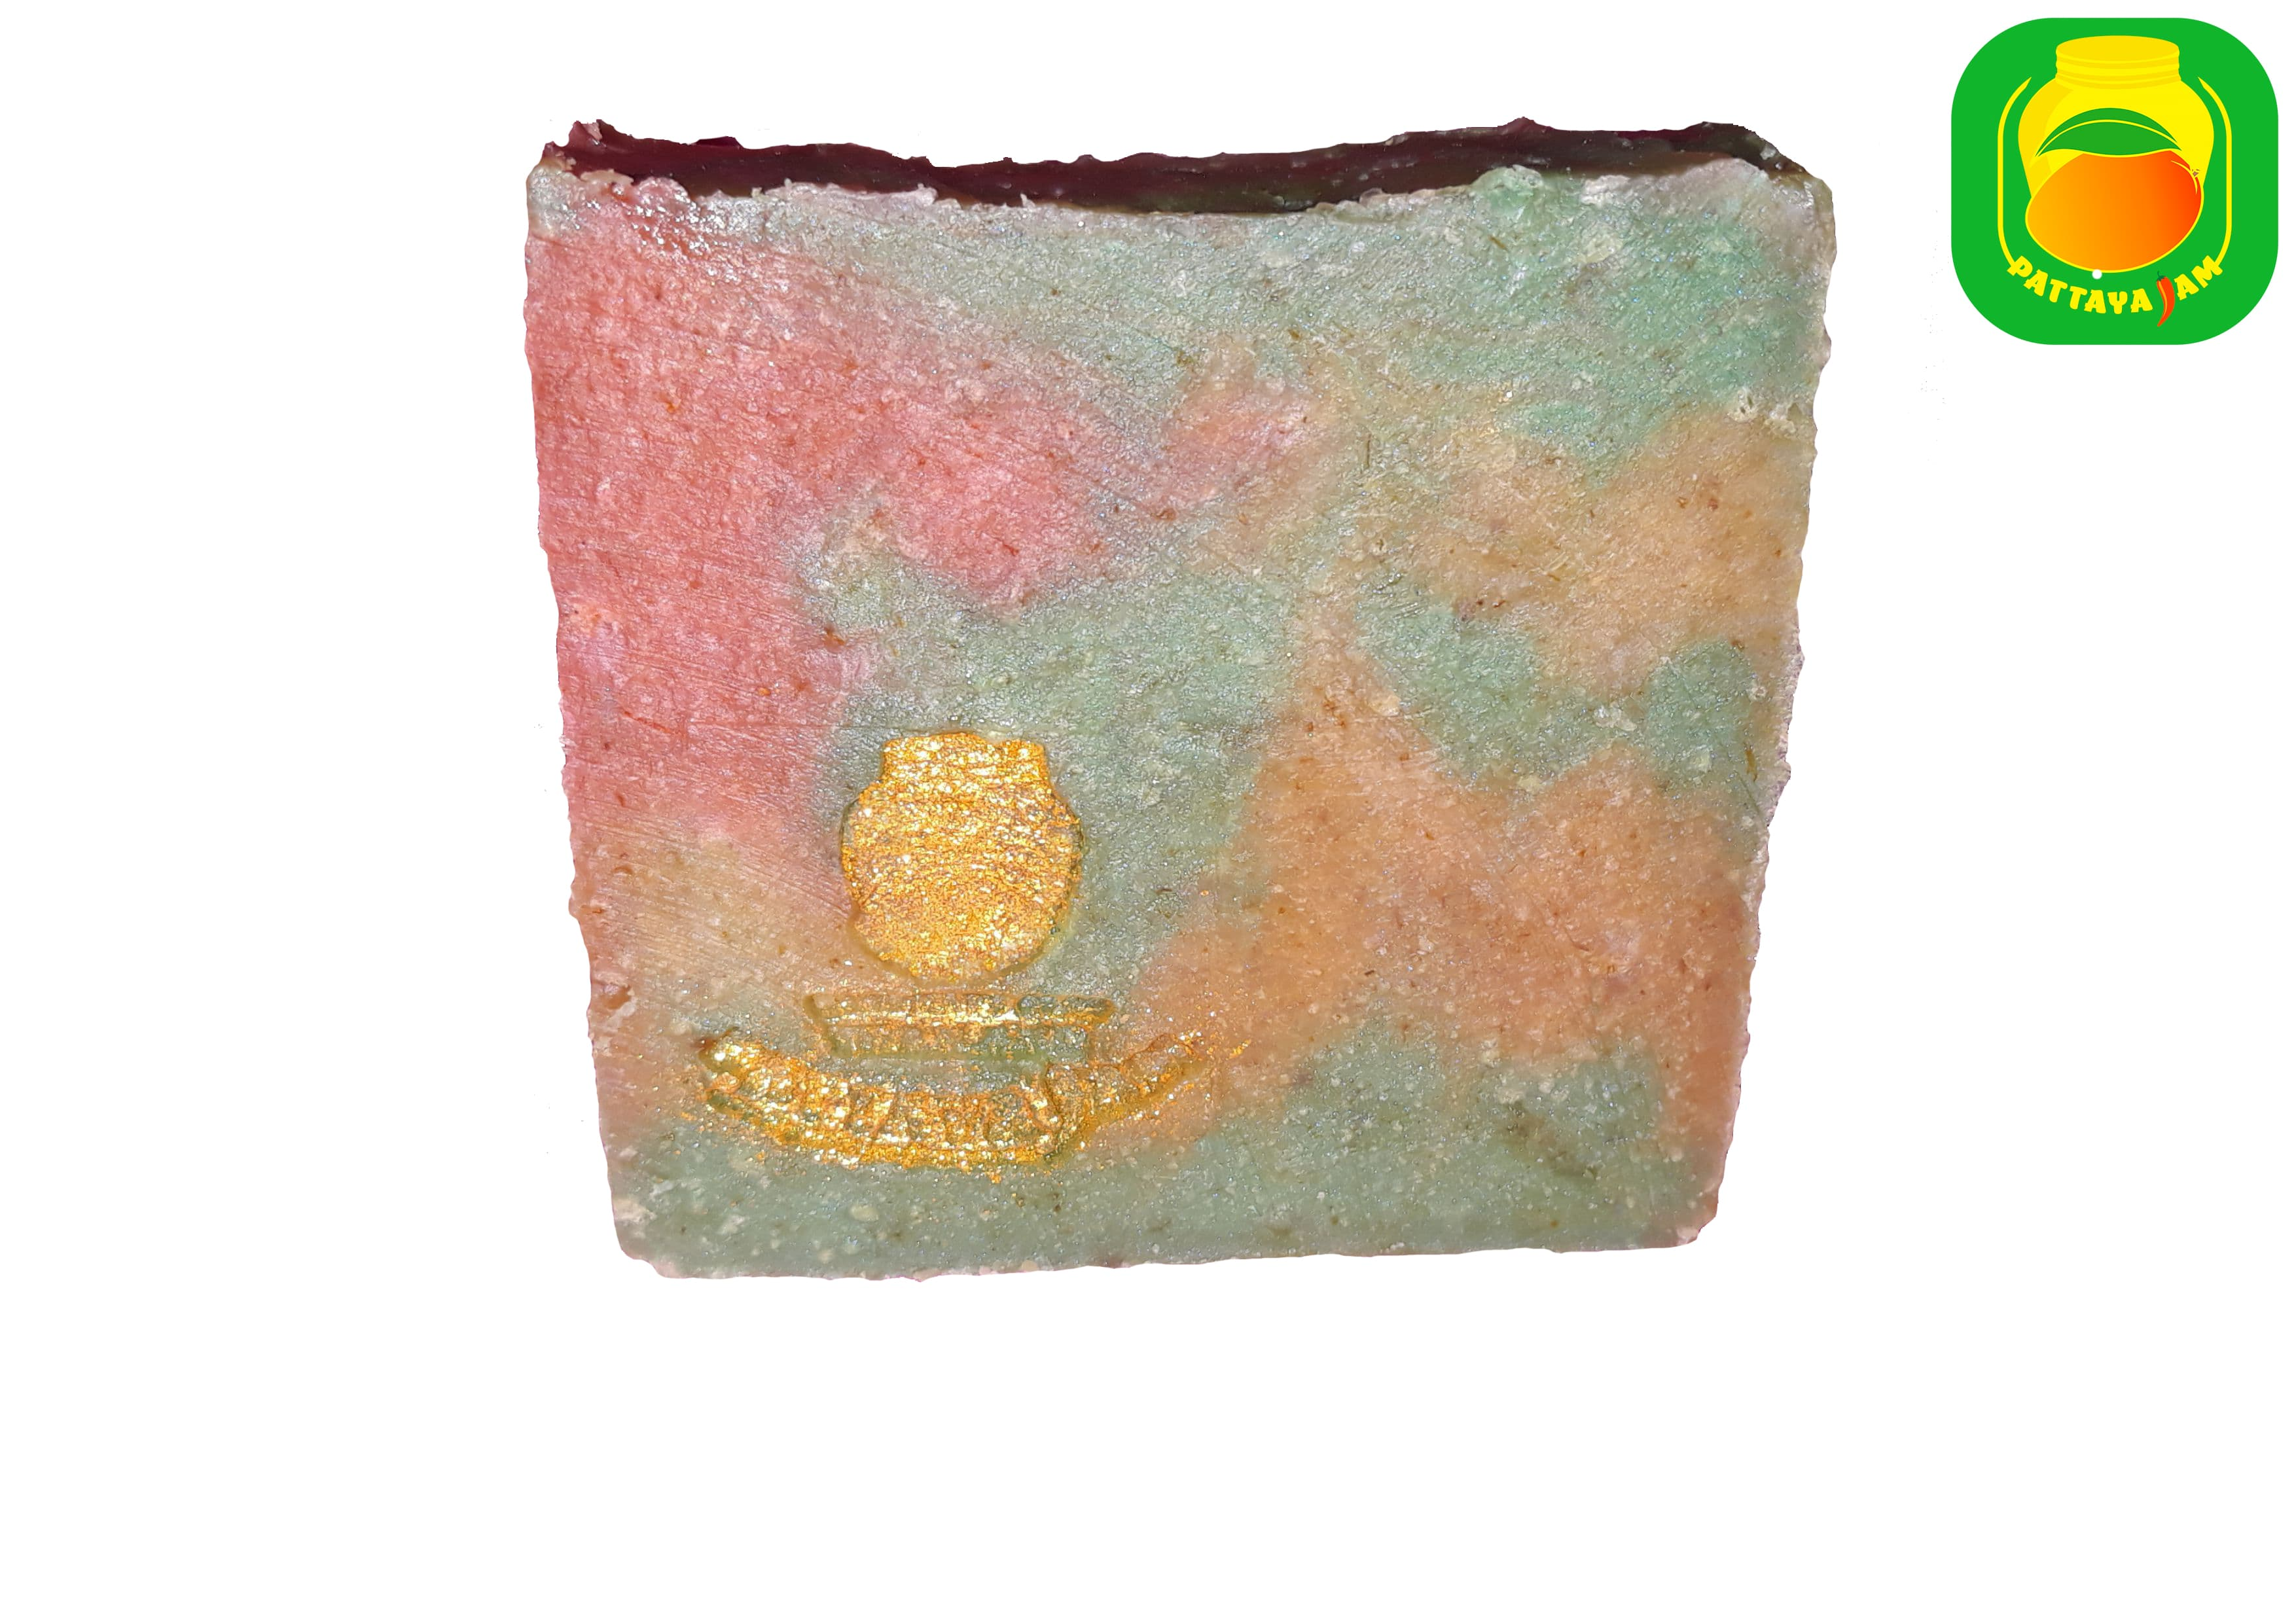 Шелковое мыло-скраб ручной работы бергамот - эвкалипт.